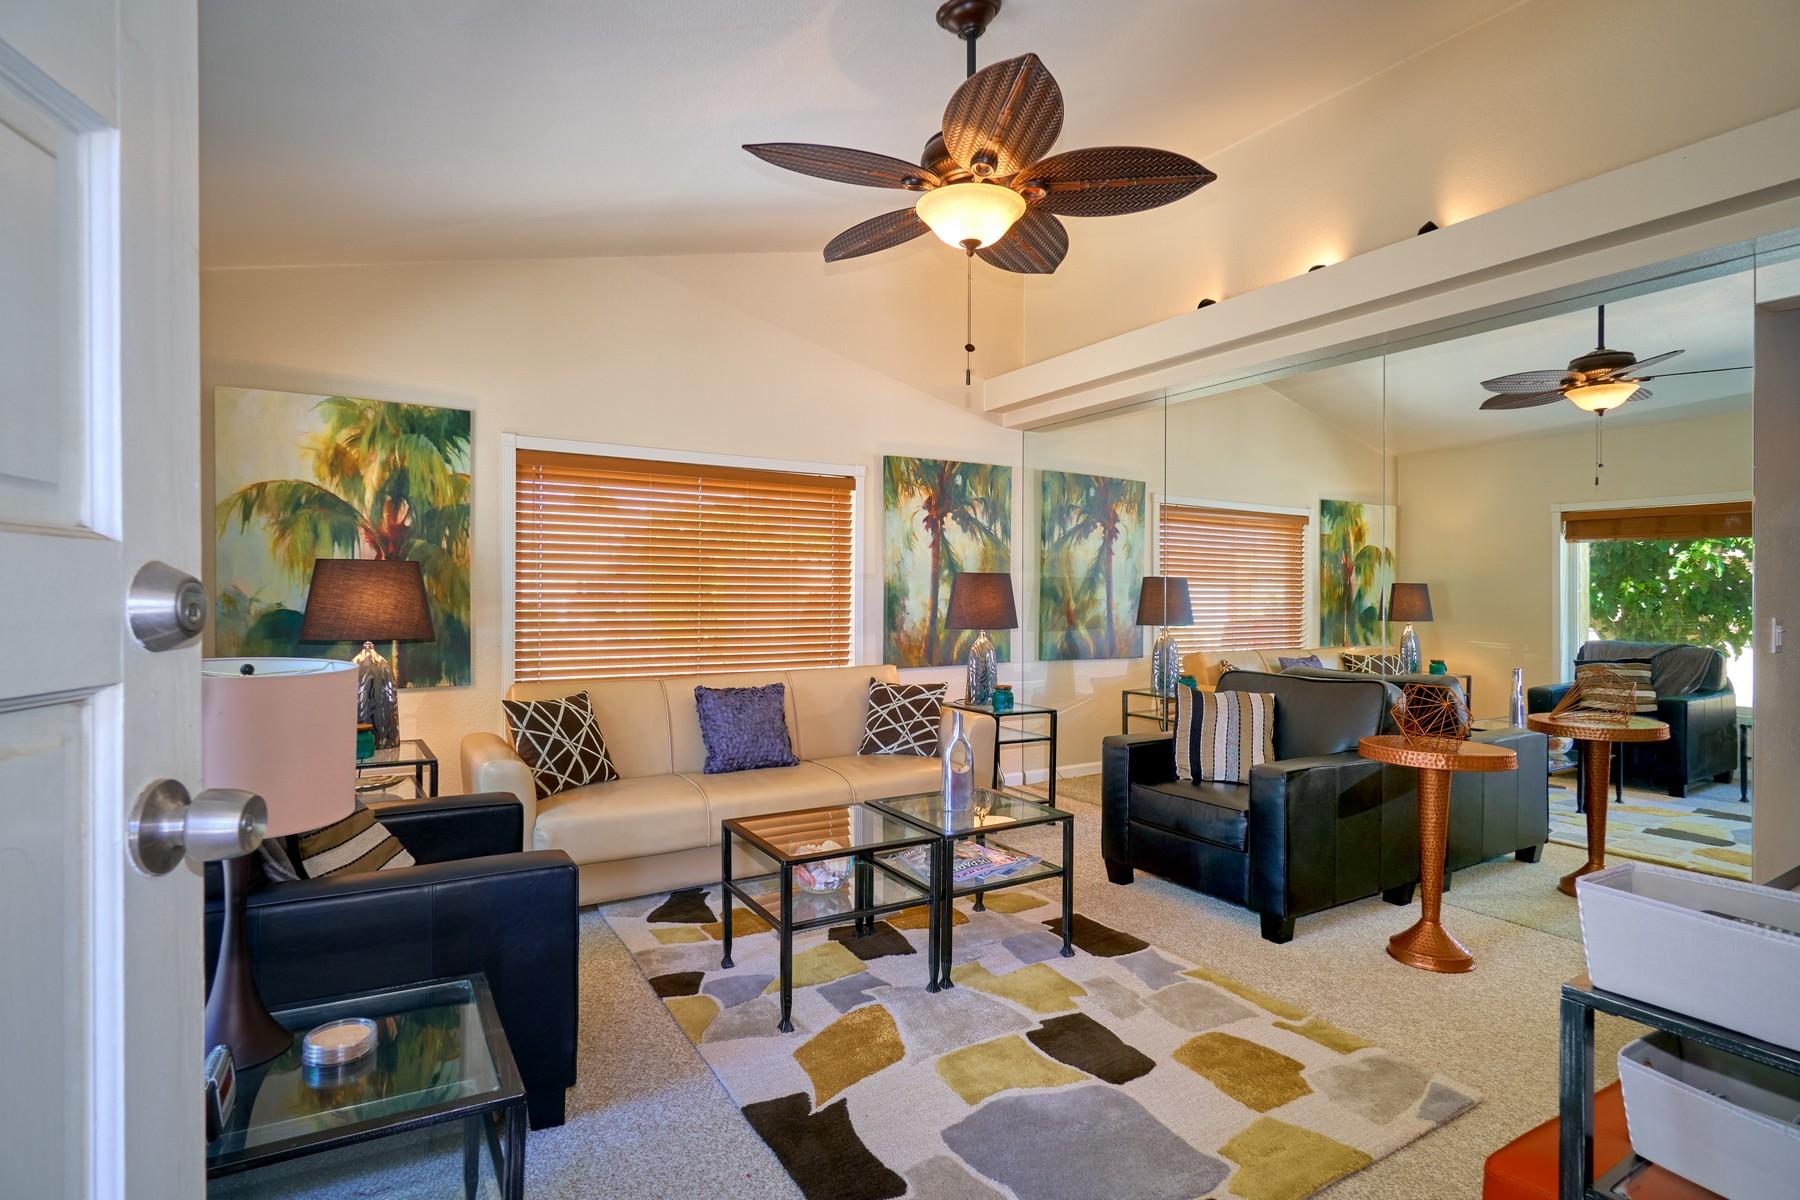 独户住宅 为 销售 在 3242 N Mica Dr 3242 N Mica Dr. 棕榈泉, 加利福尼亚州 92262 美国